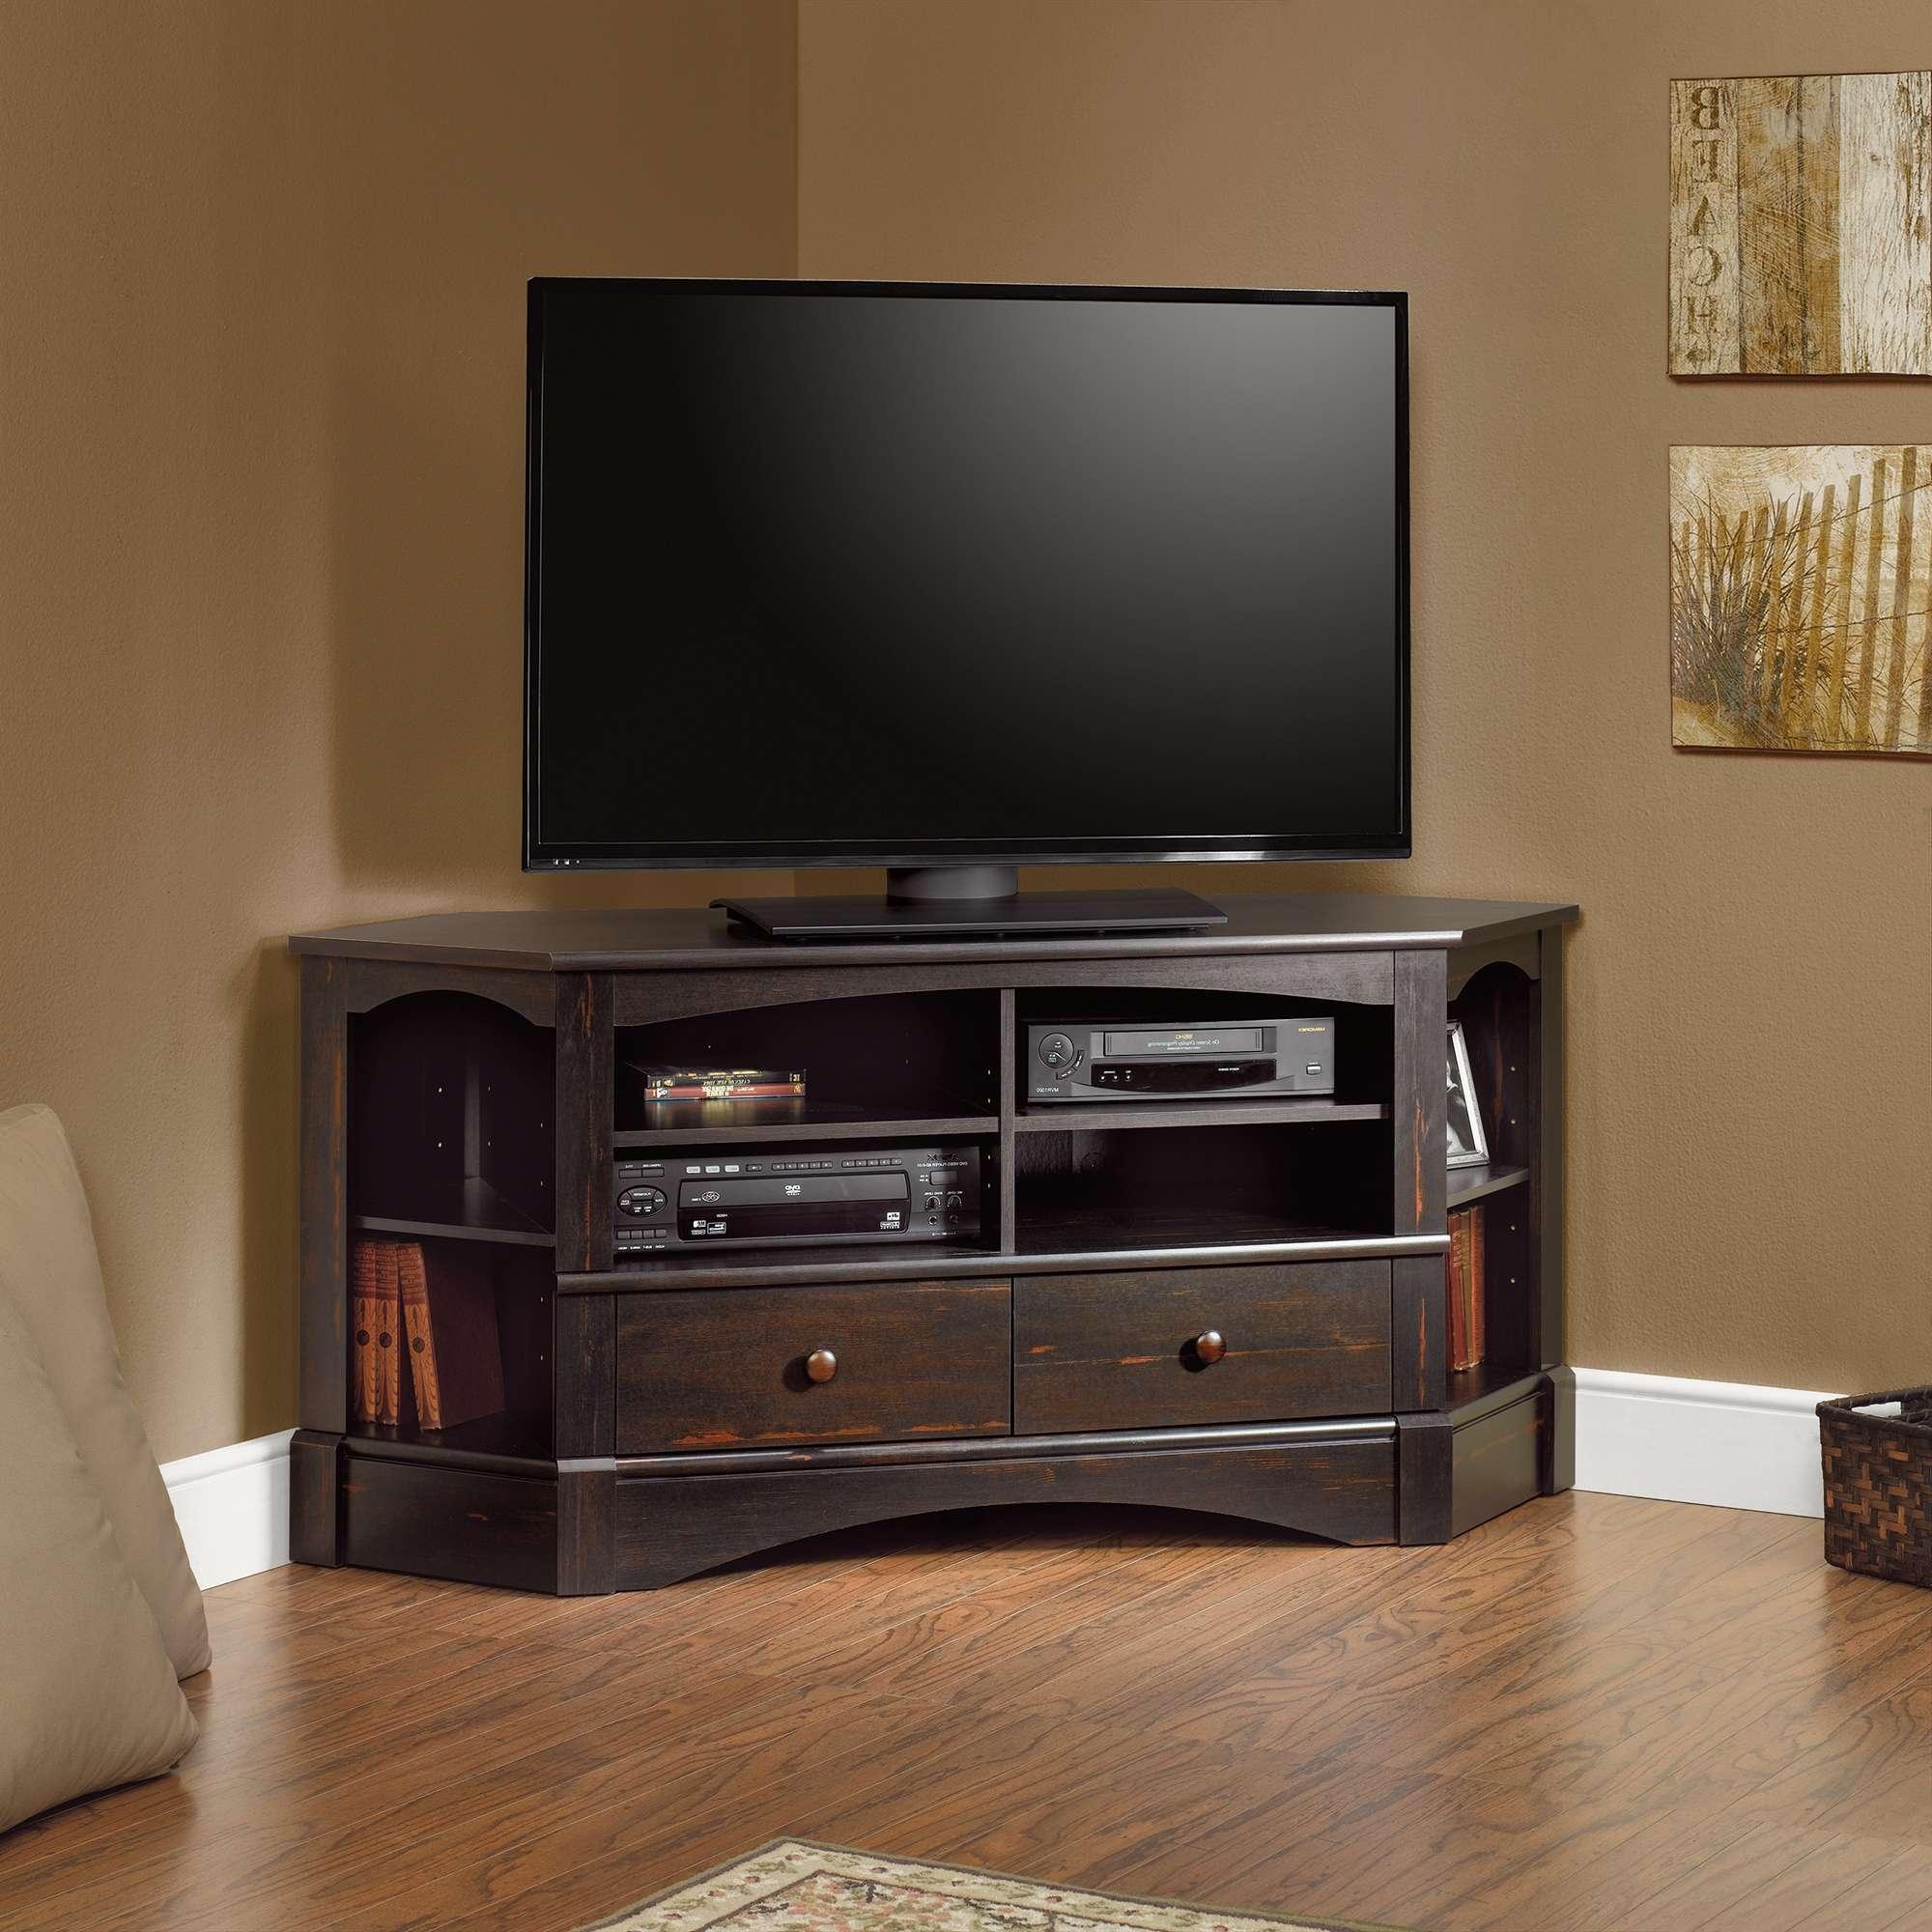 Oak Corner Tv Stands For 50 Inch Tvcorner Tv Stands For 50 Inch Tv Intended For 50 Inch Corner Tv Cabinets (Gallery 12 of 20)